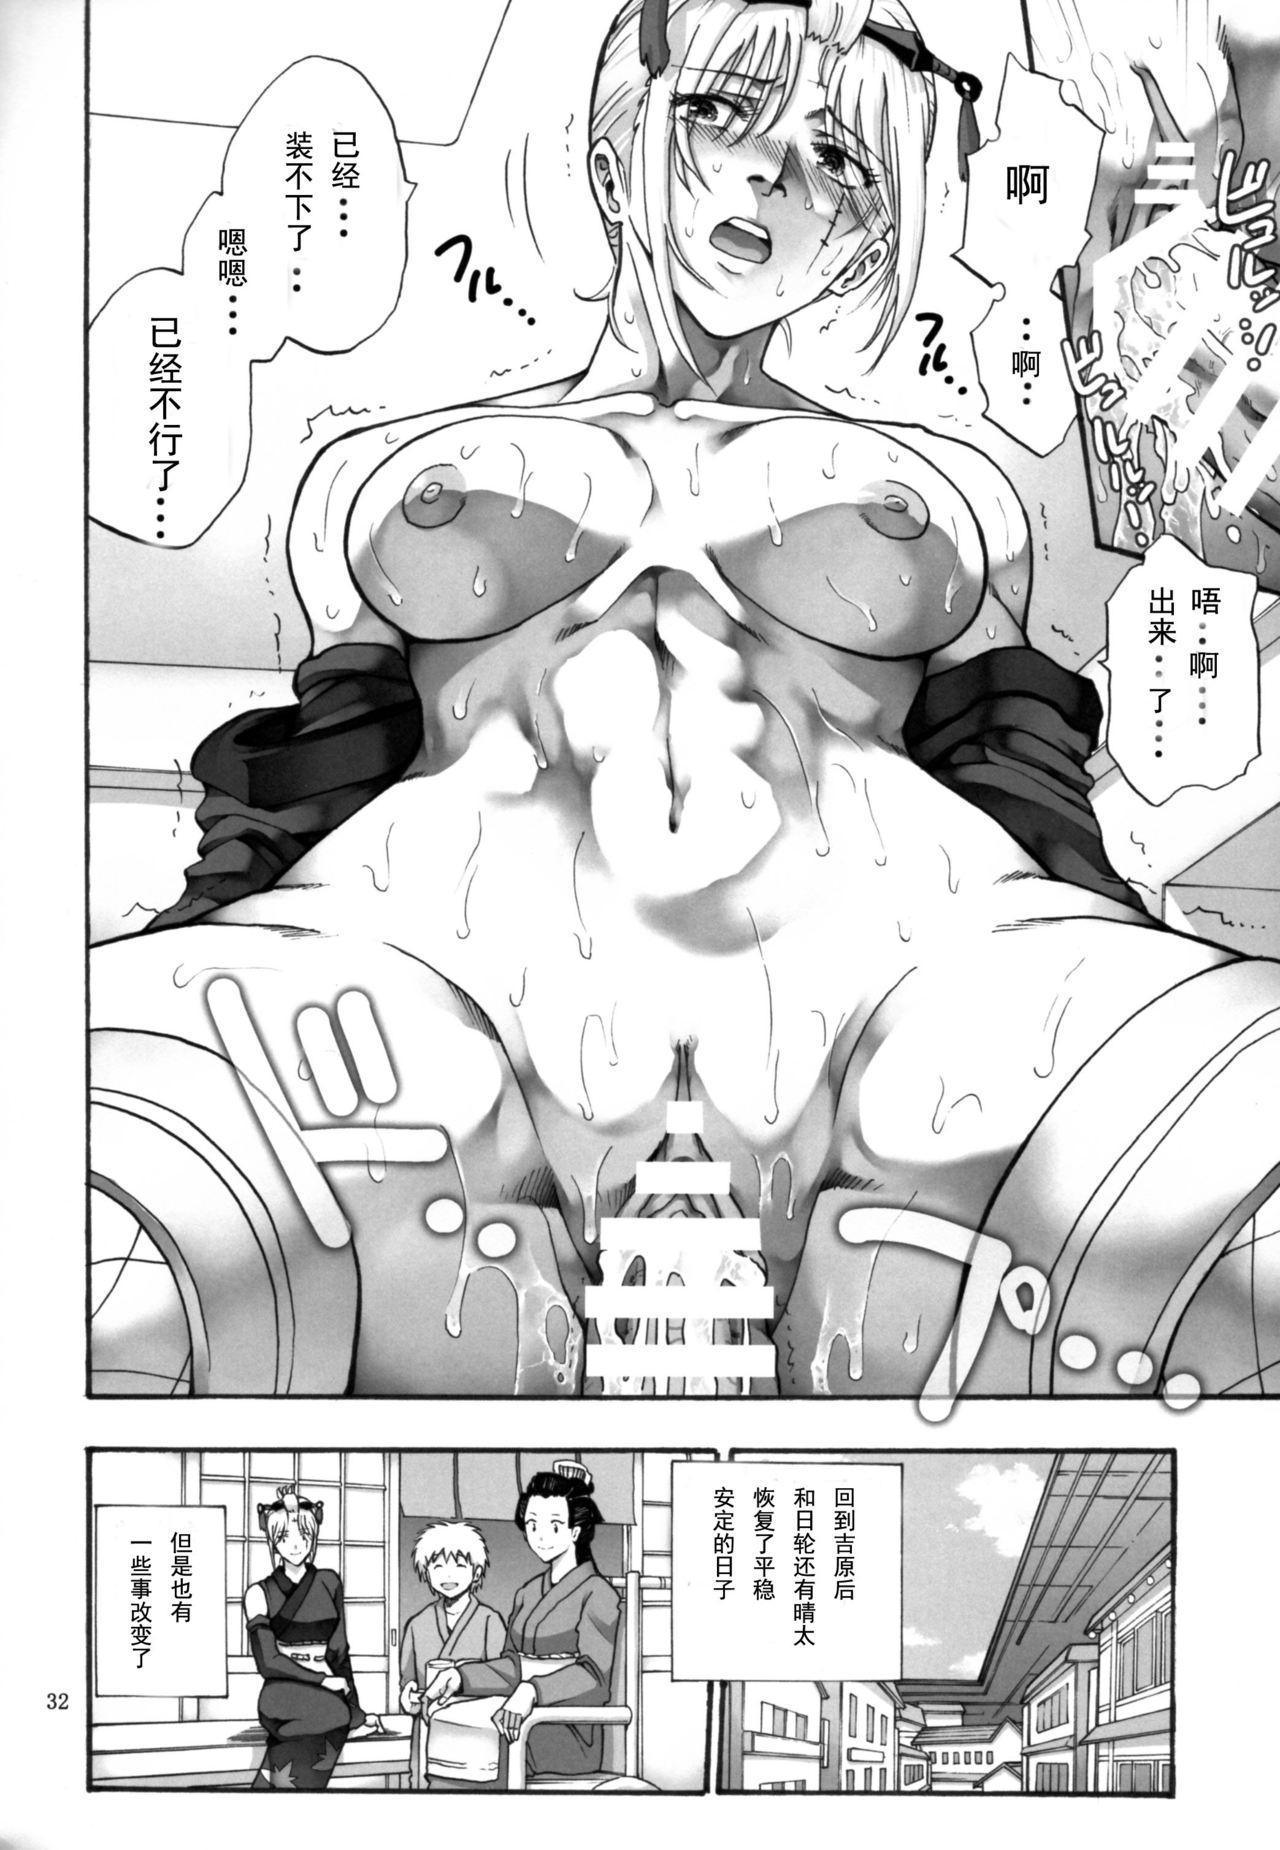 Tsukuyo-san ga Iyarashii Koto o Sarete Shimau Hanashi 5 32